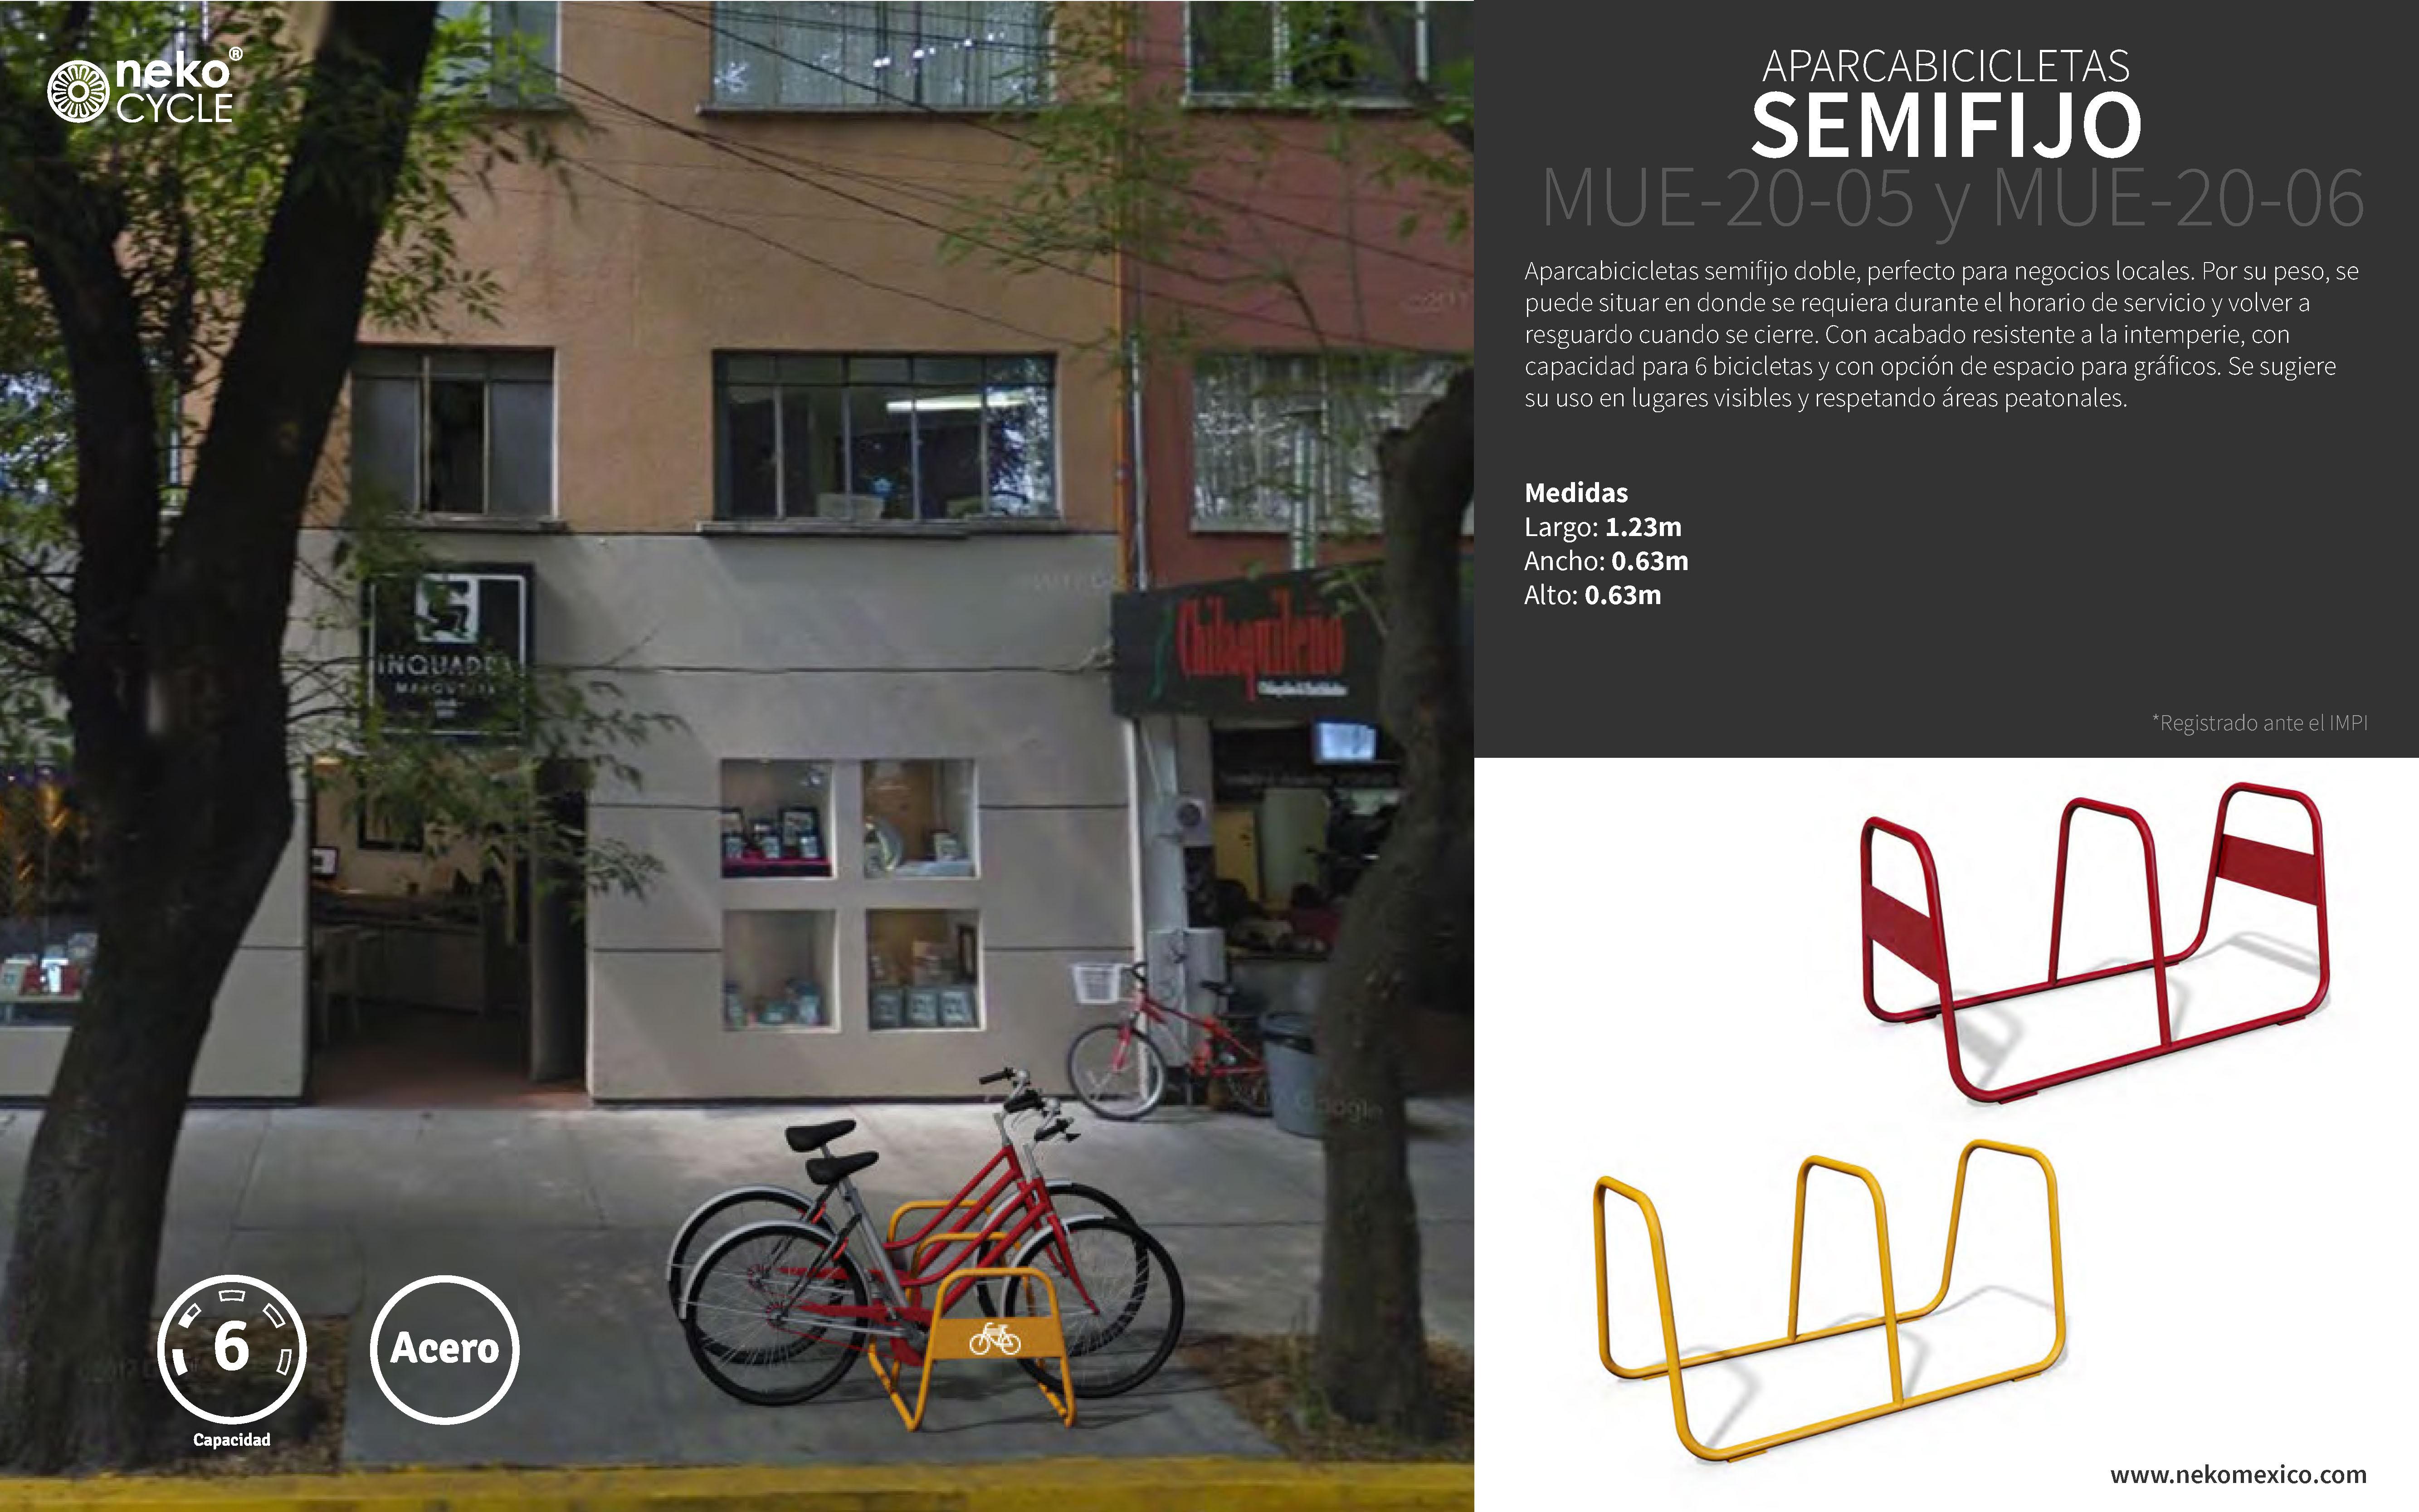 Neko_Cycle_para_Bicitekas_Página_10